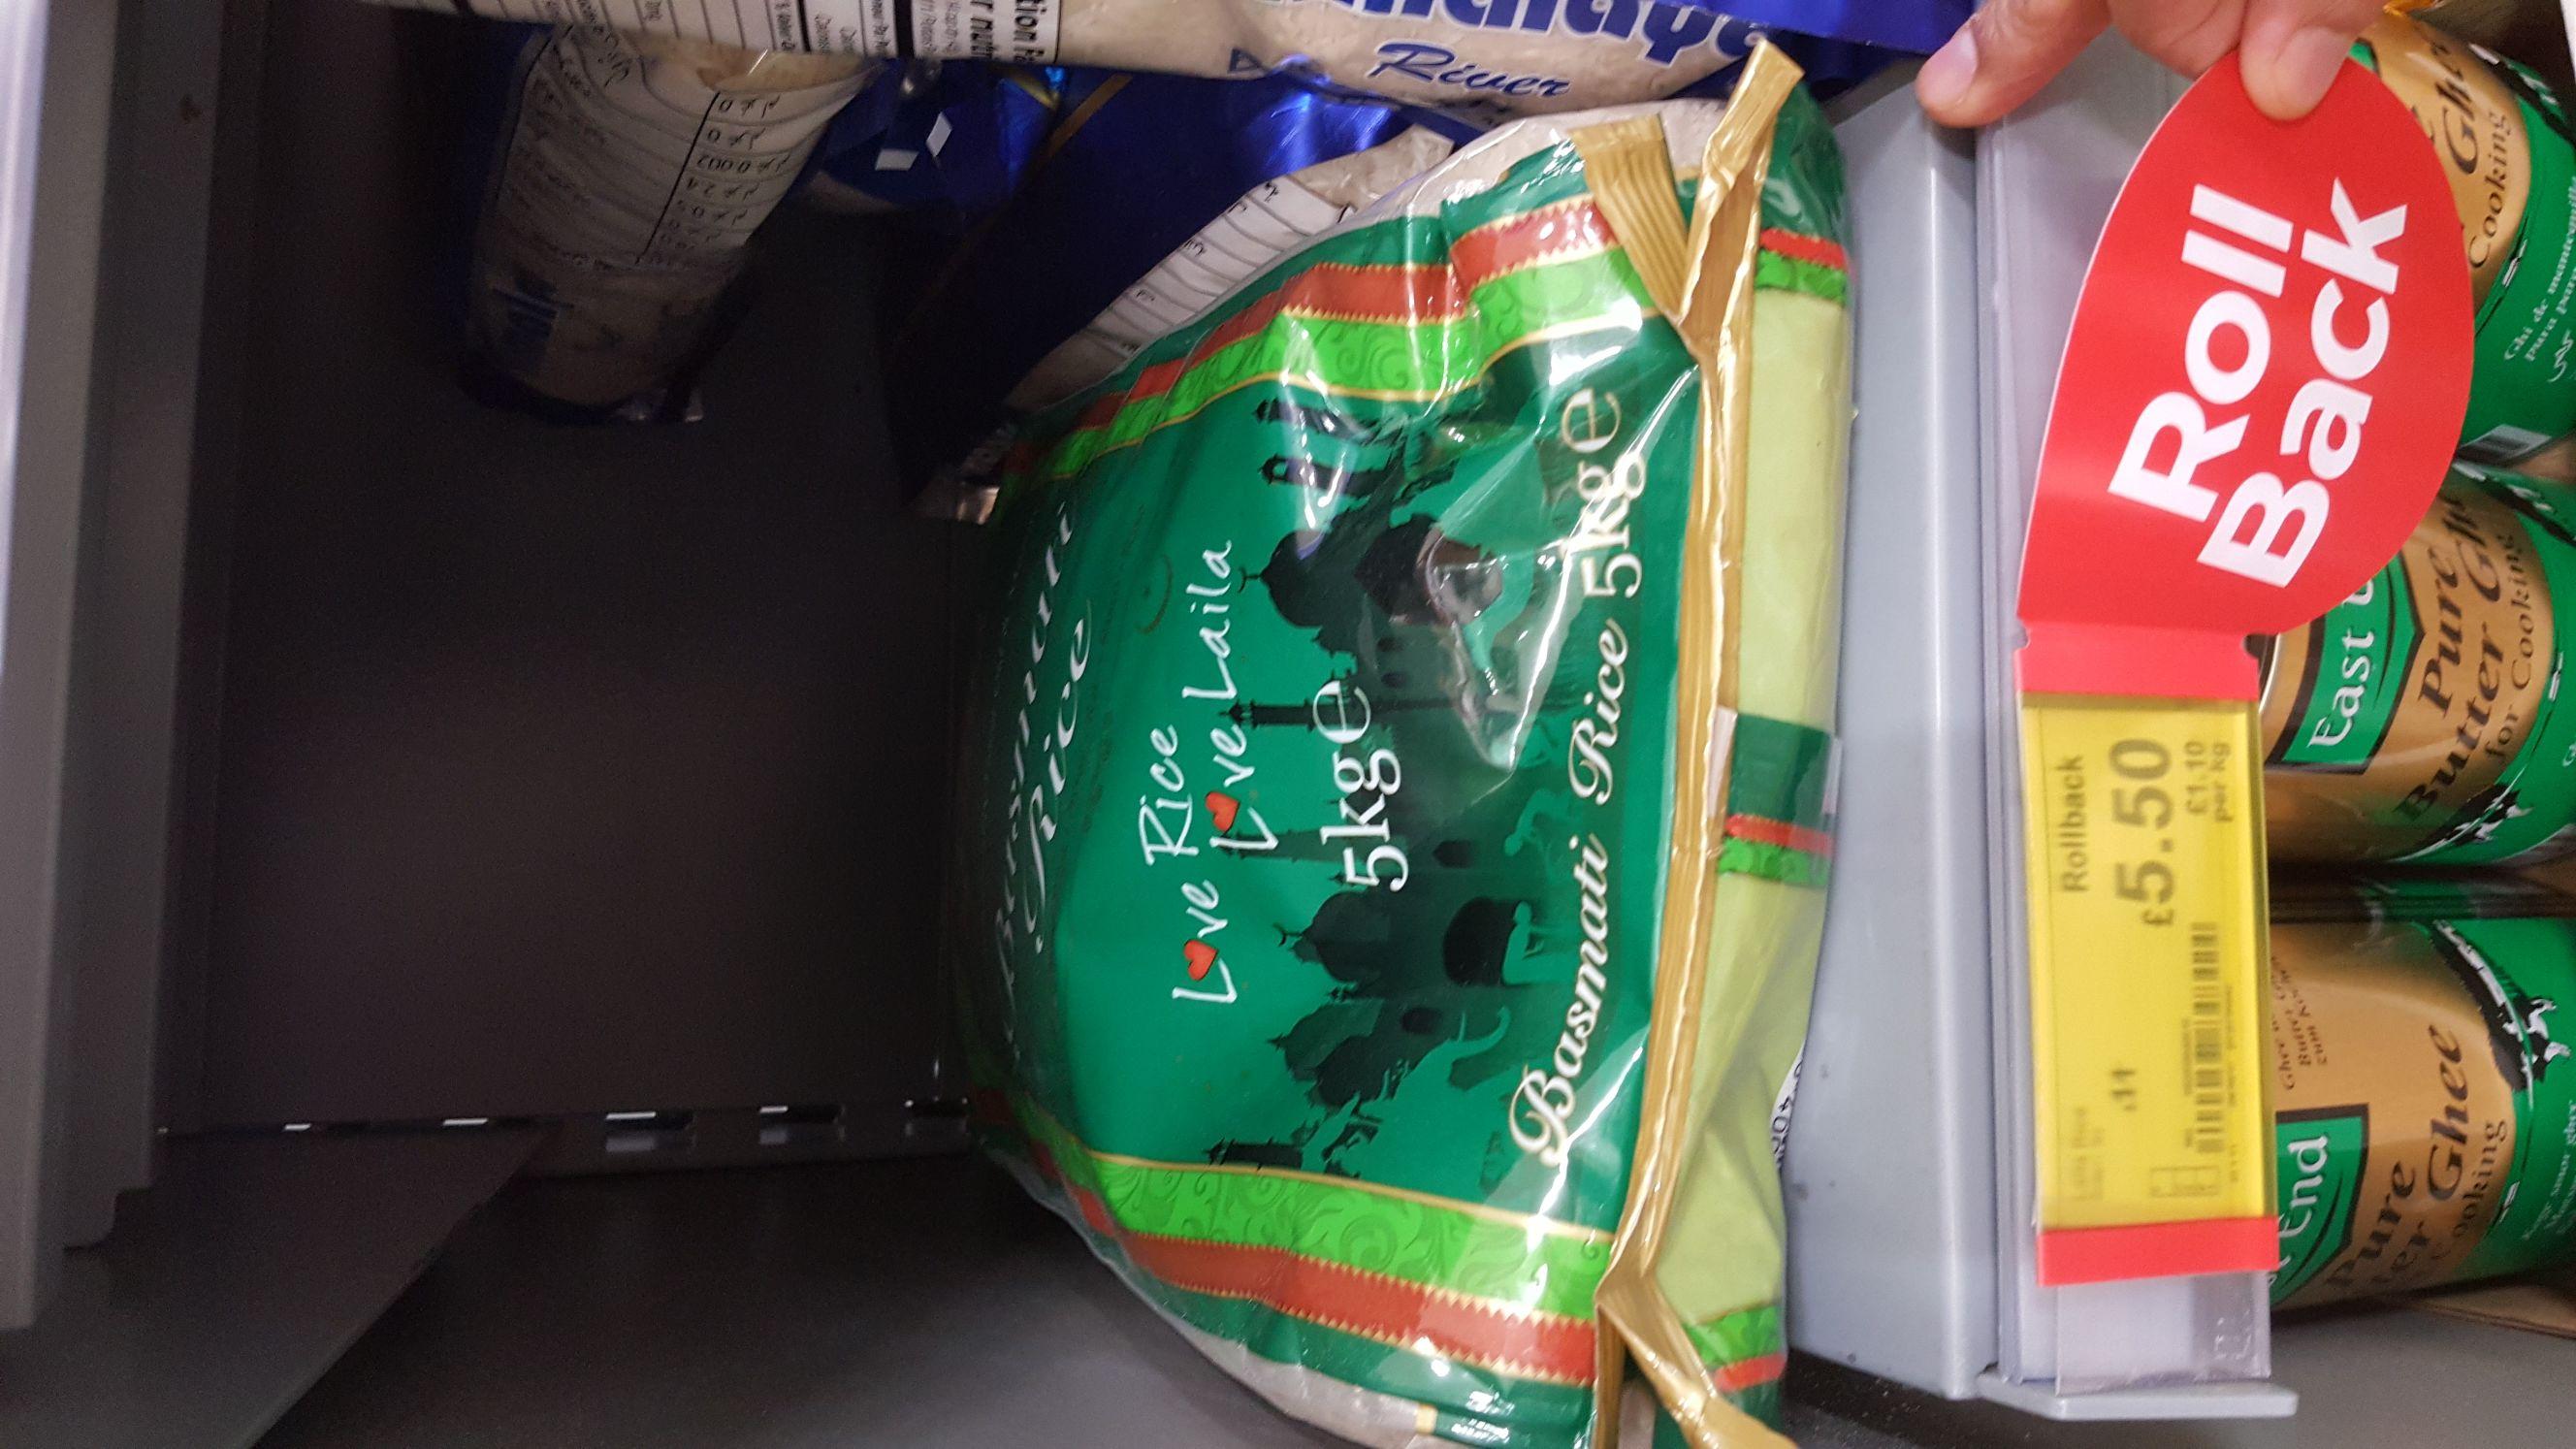 Laila Basmati Rice 5kg for £5.50 @ Asda online & instore